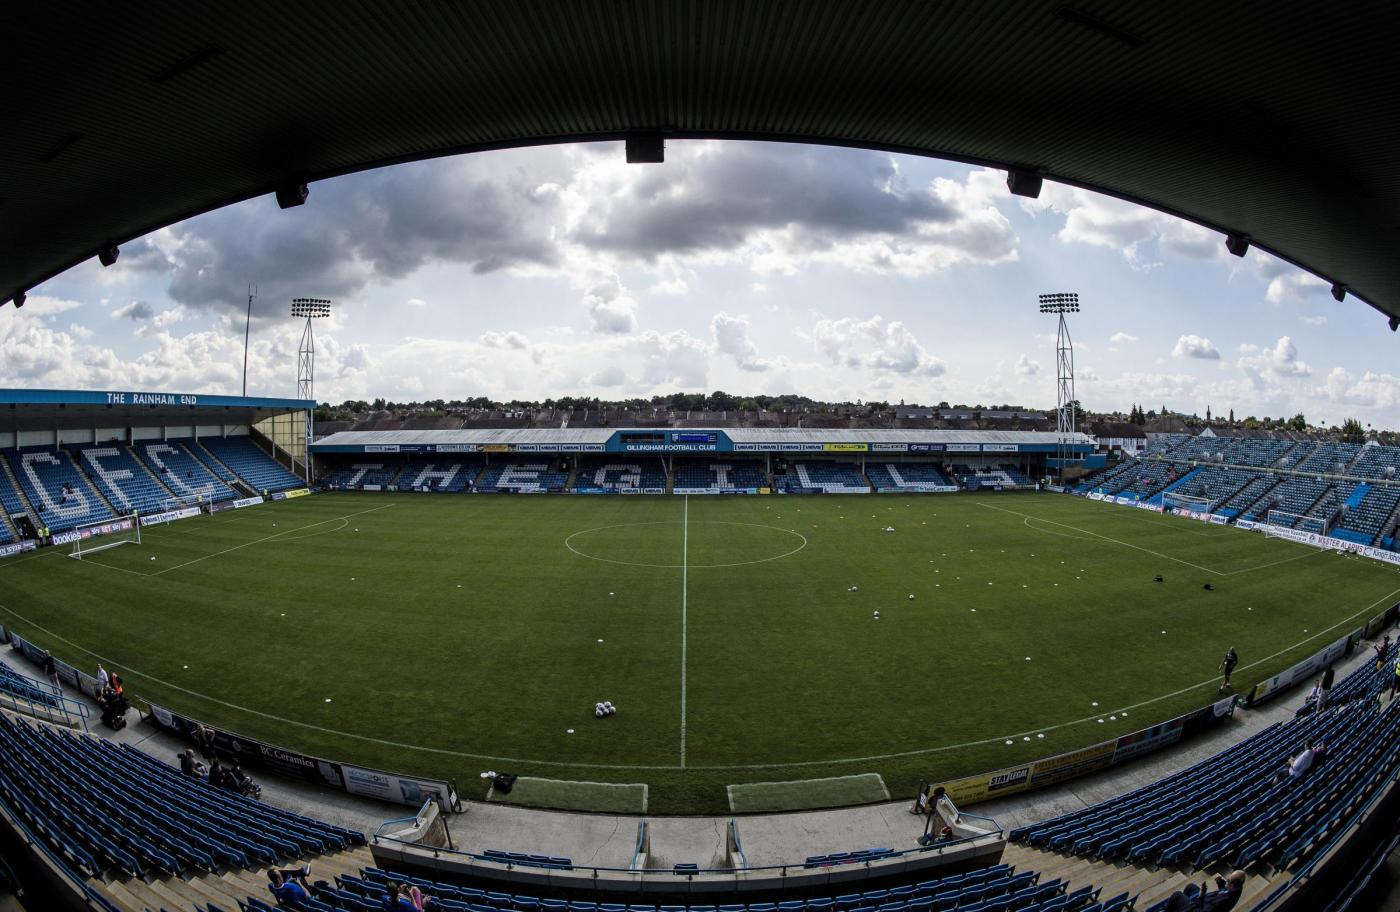 Israele Toto Cup 1 agosto: analisi e pronostico della giornata dedicata alla coppa nazionale calcistica israelitica